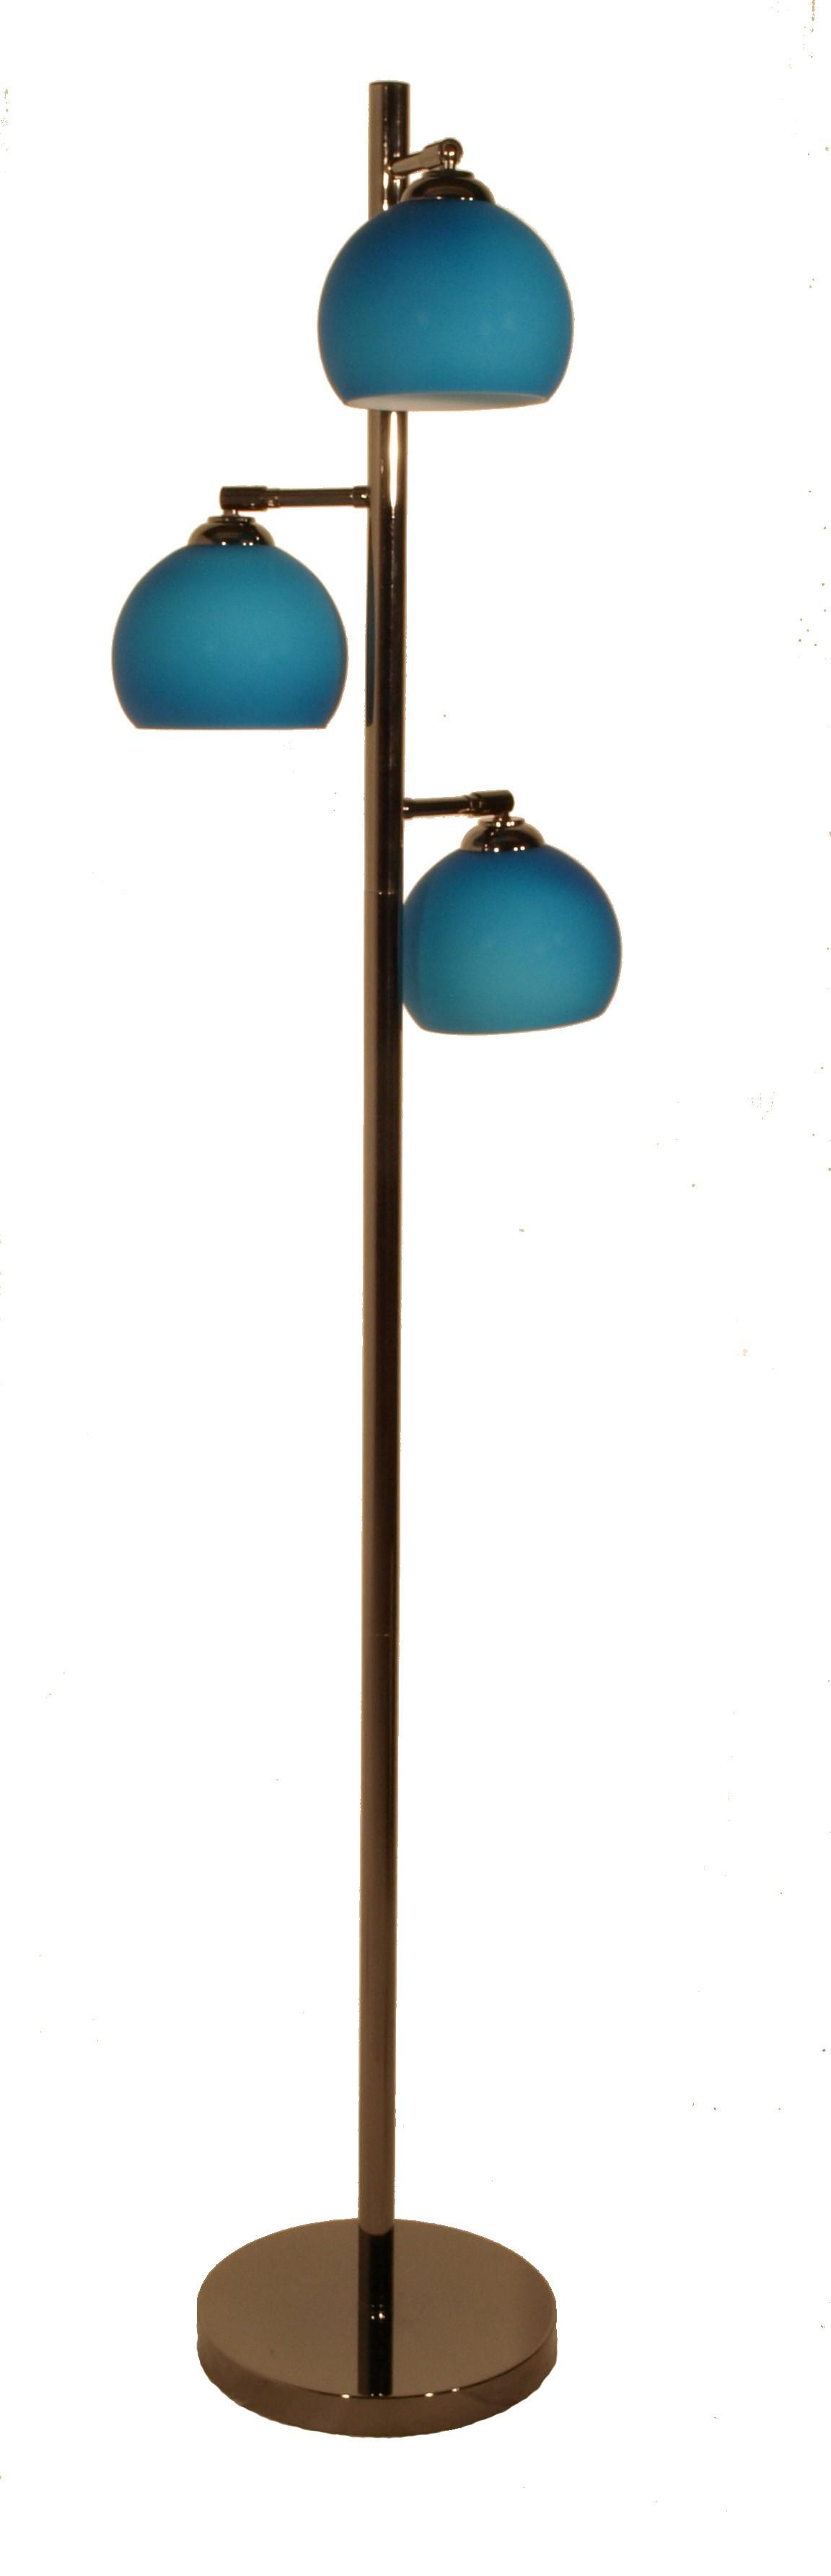 stehlampe mod ball floor blau h c m bel. Black Bedroom Furniture Sets. Home Design Ideas